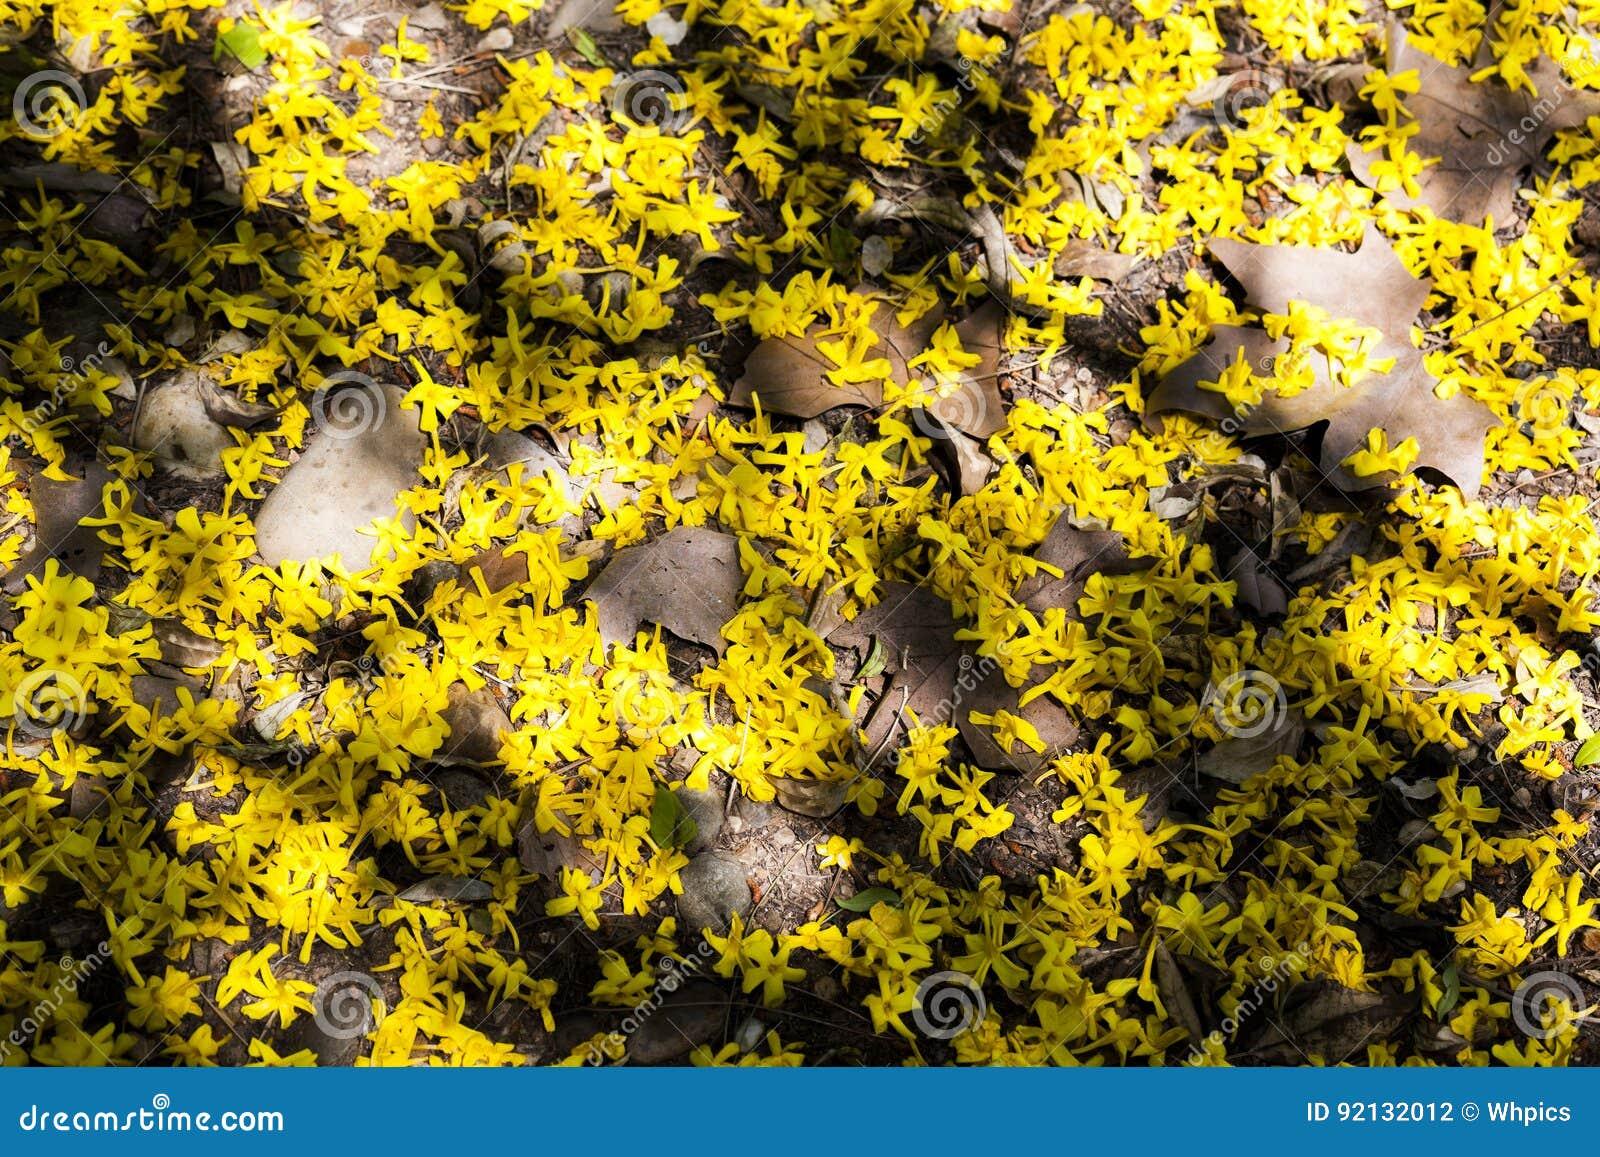 Garden Floor Ground Of Fallen Yellow Jasmine Flowers Stock Photo